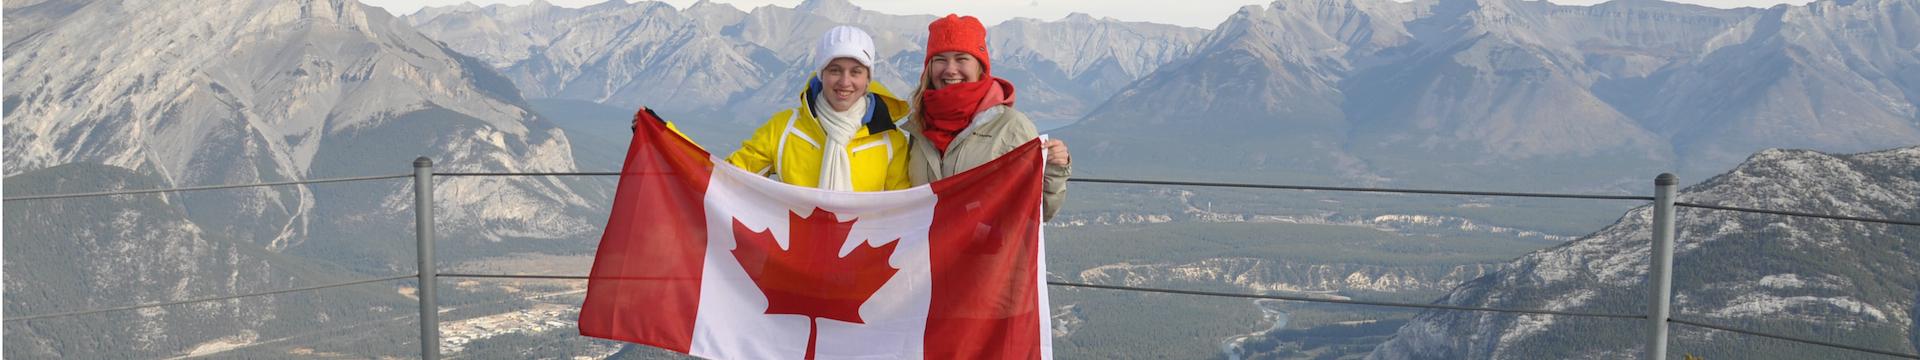 Kanada Ontario Schüler mit Flagge Aussicht schmal